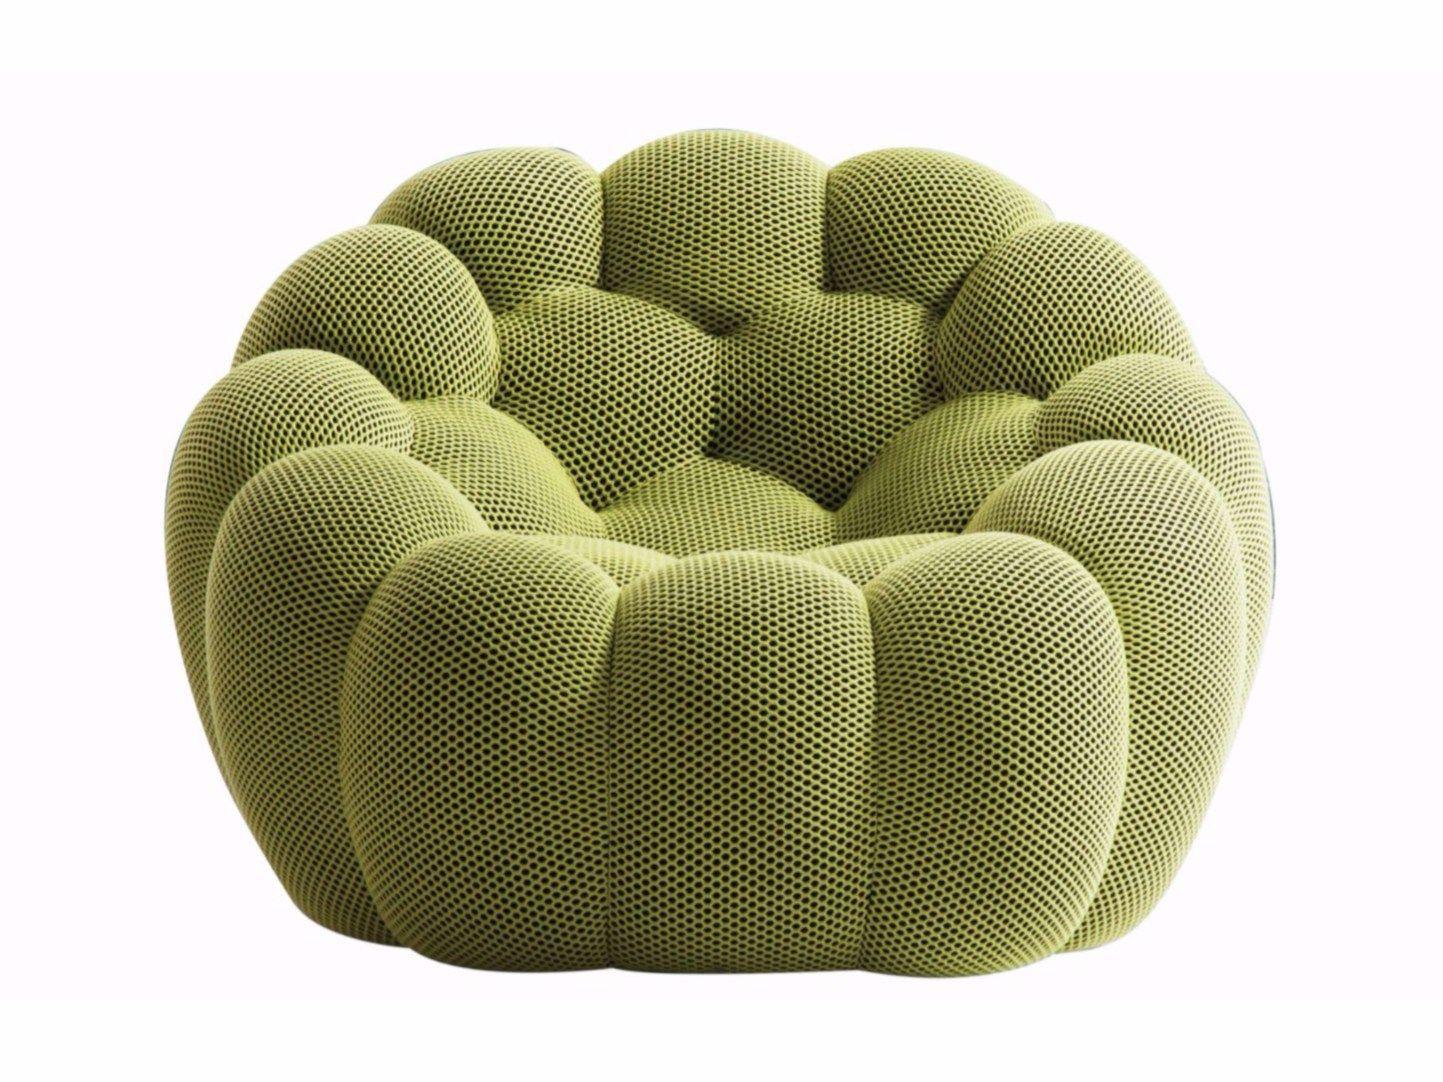 Bubble fauteuil by roche bobois design sacha lakic - Roche et bobois fauteuils ...